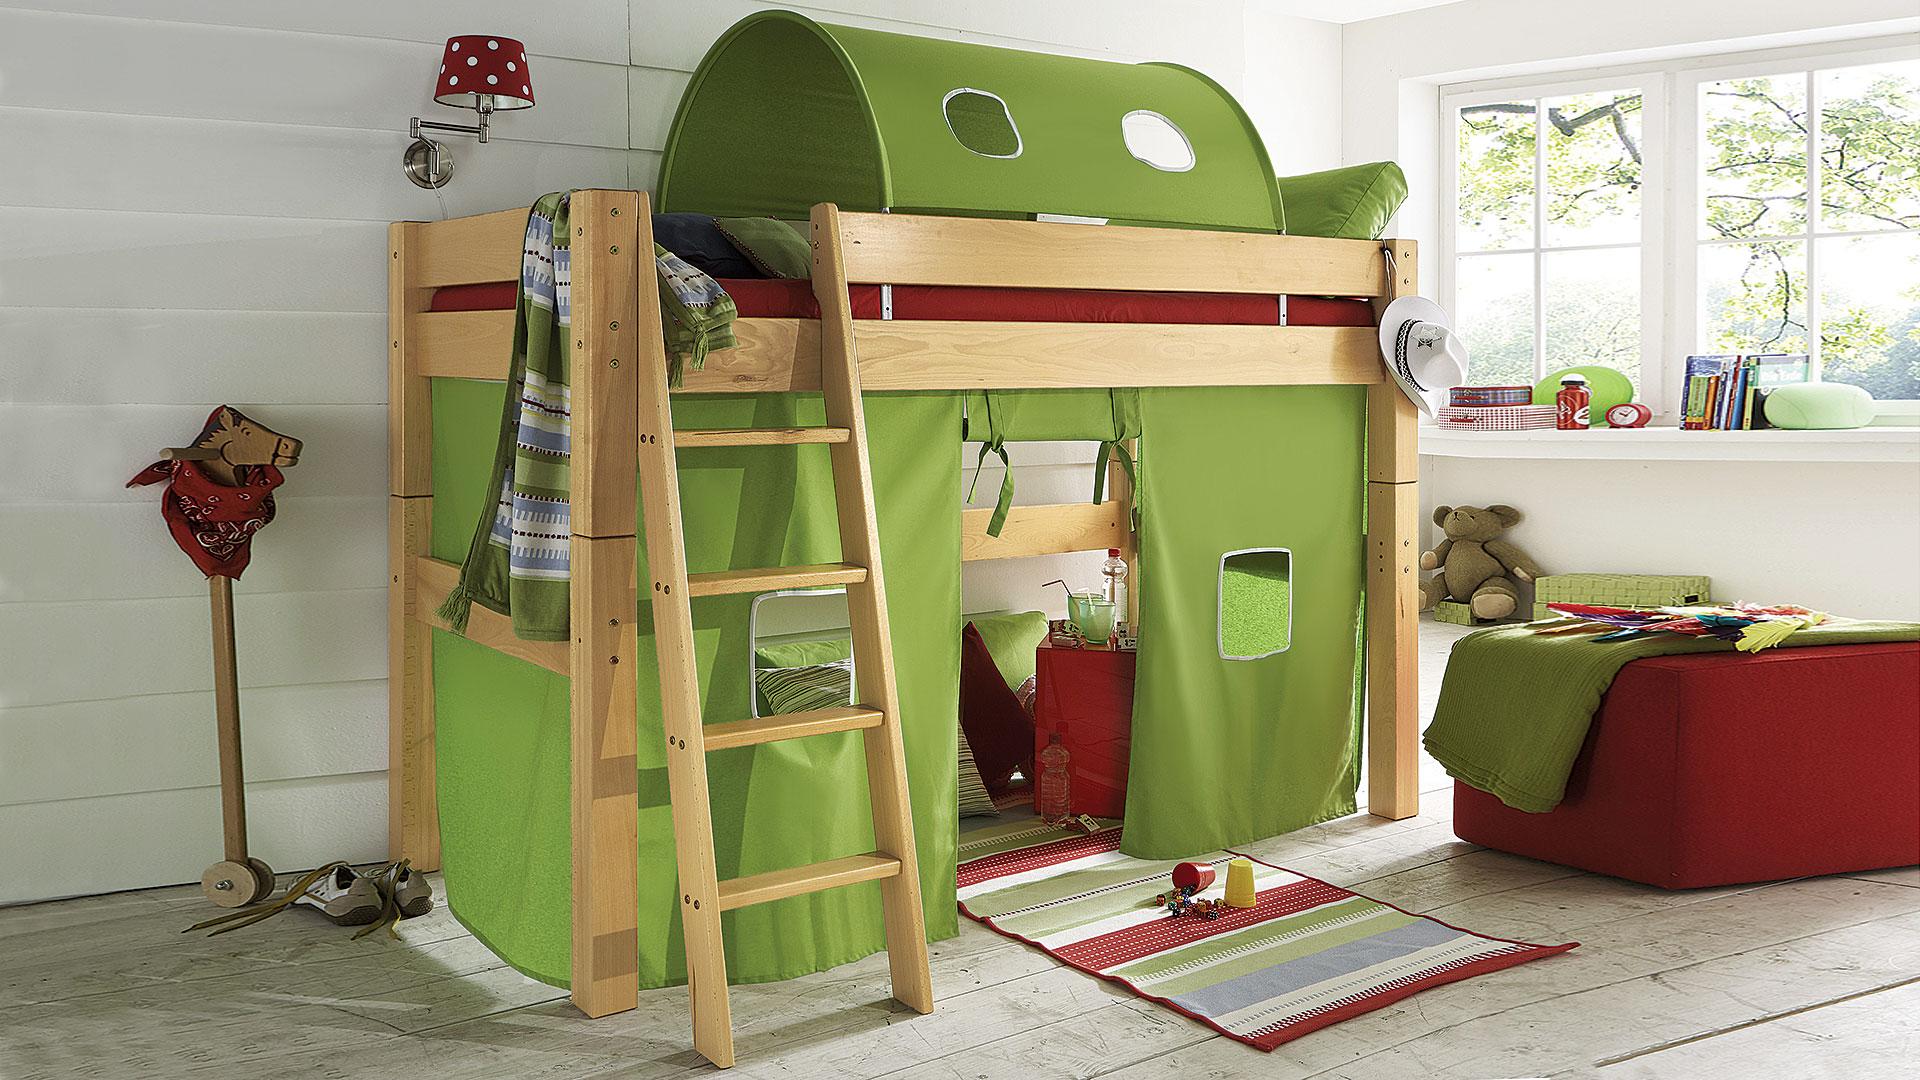 Etagenbett Ab Welchem Alter : Ab welchem alter ist ein hochbett geeignet online kaufen